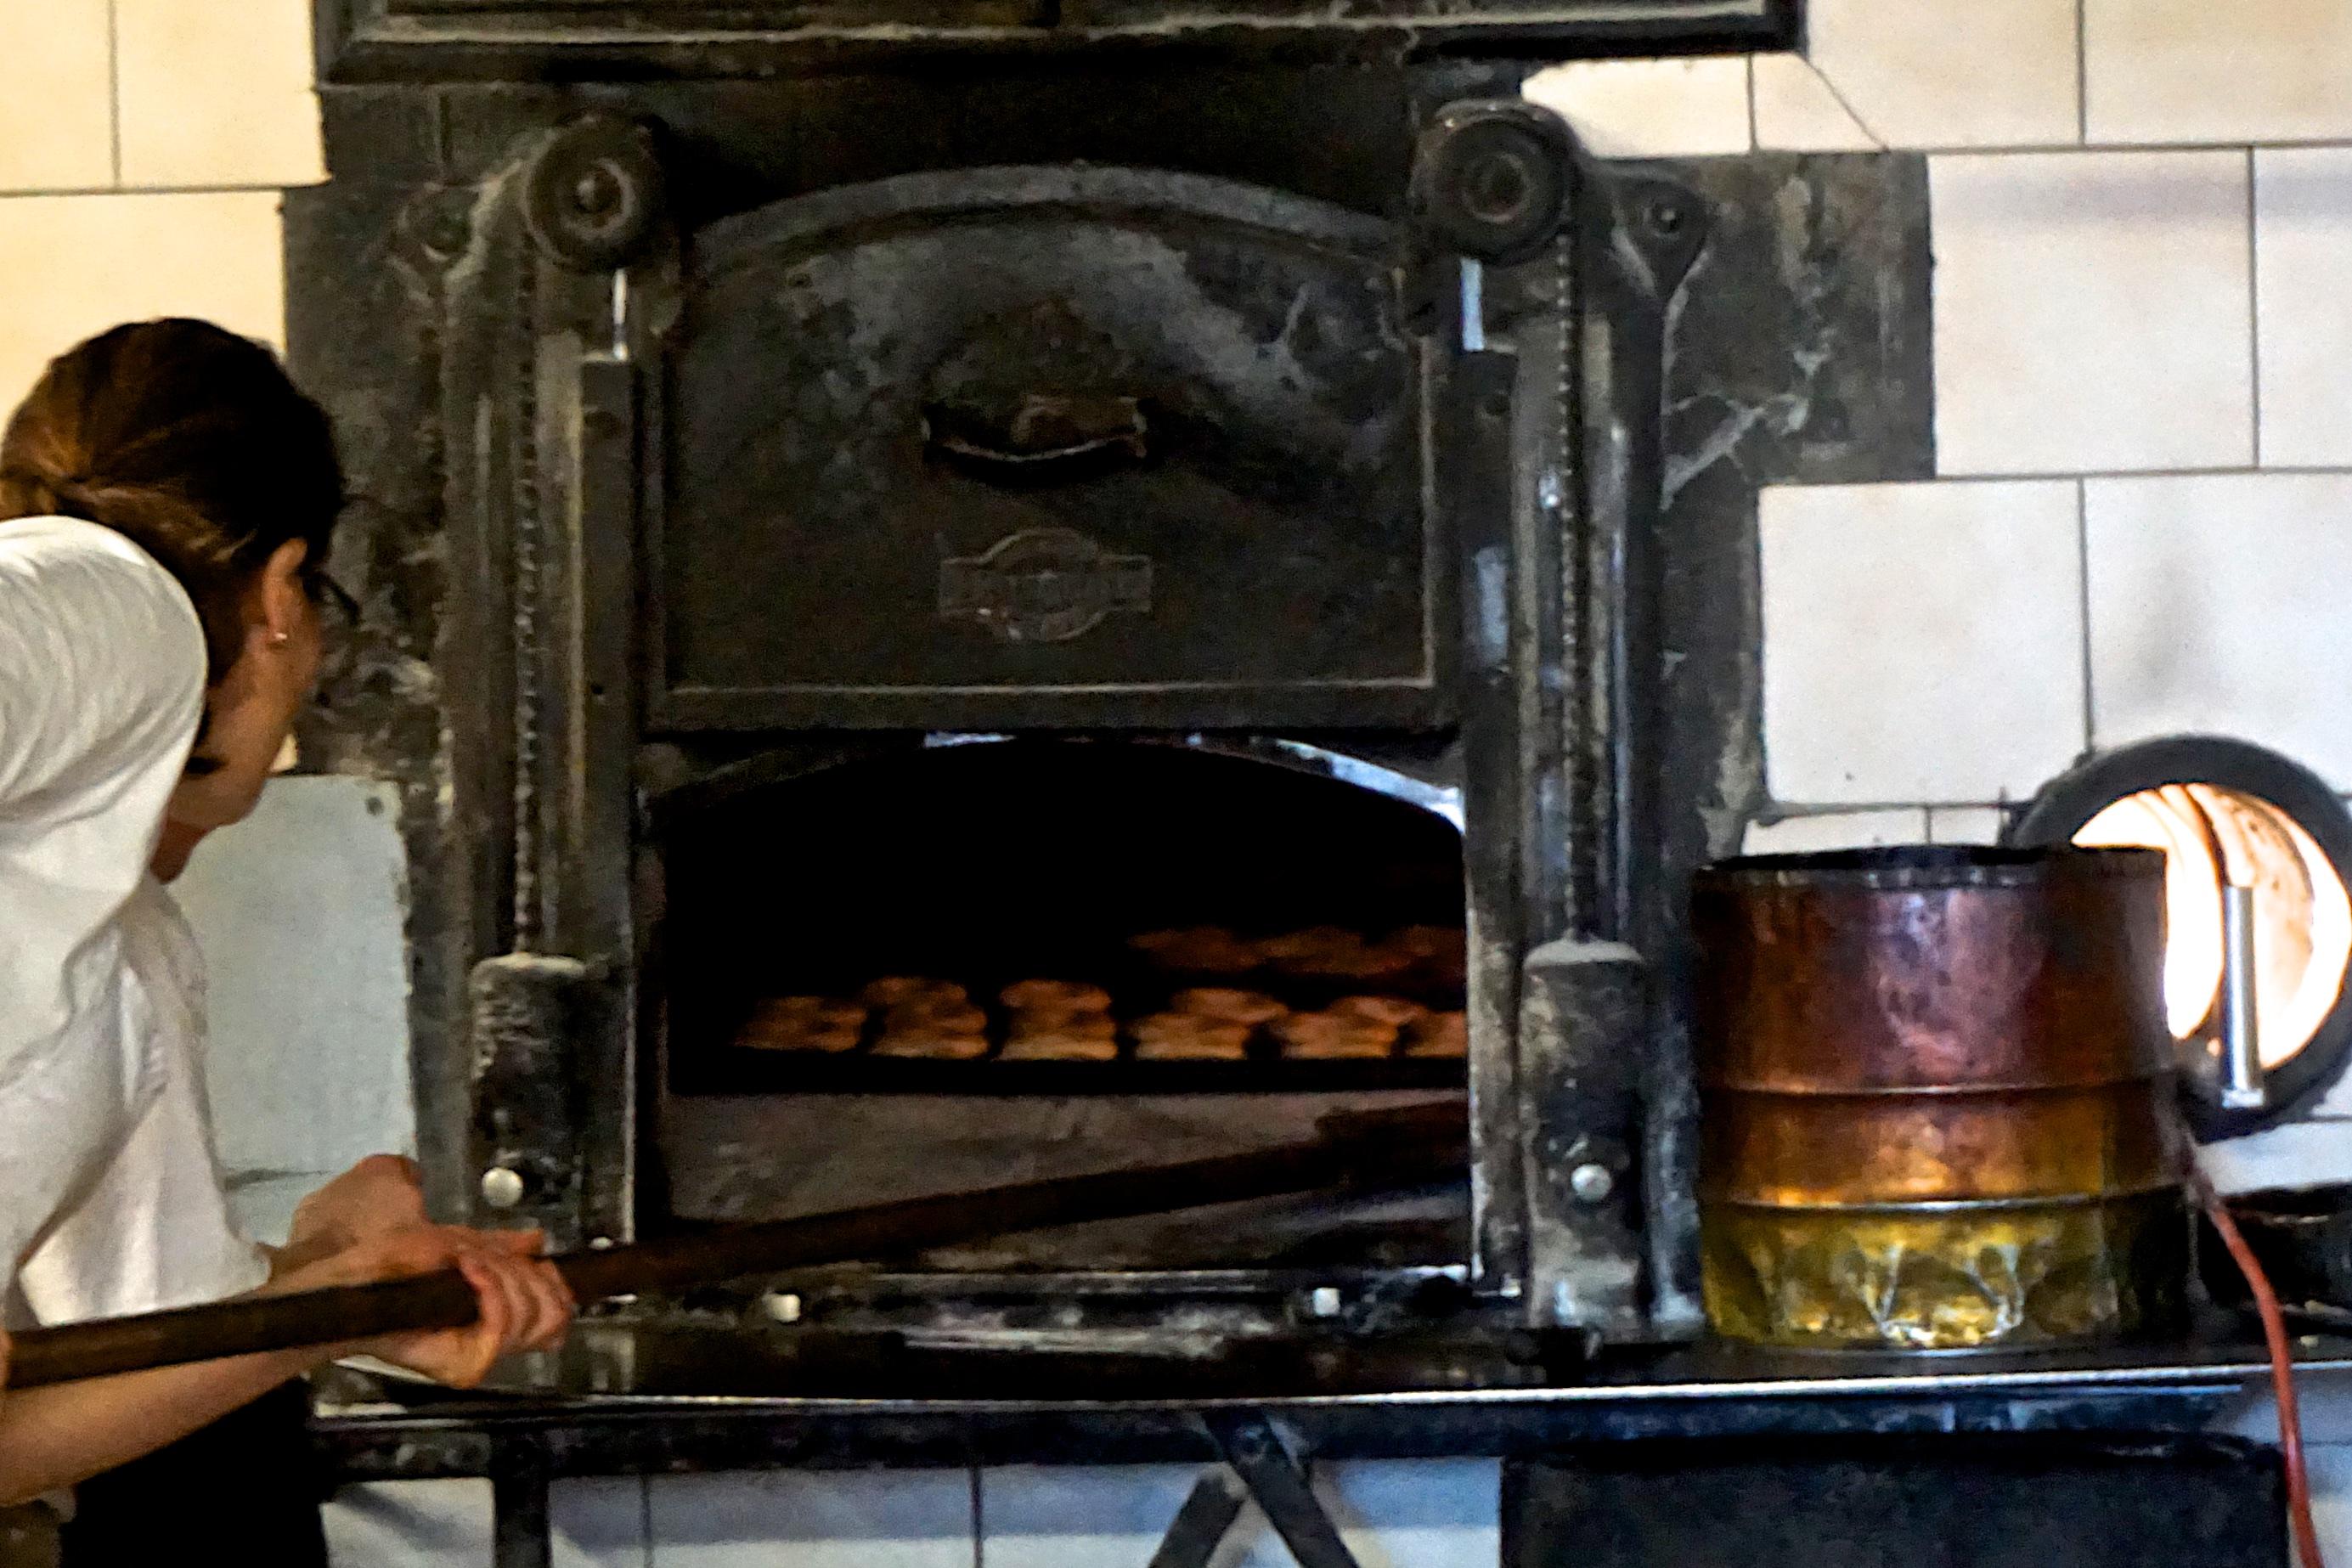 Forno A Legna Immagini e. ceralli forno a legna : olive oil and lemons | dina honke